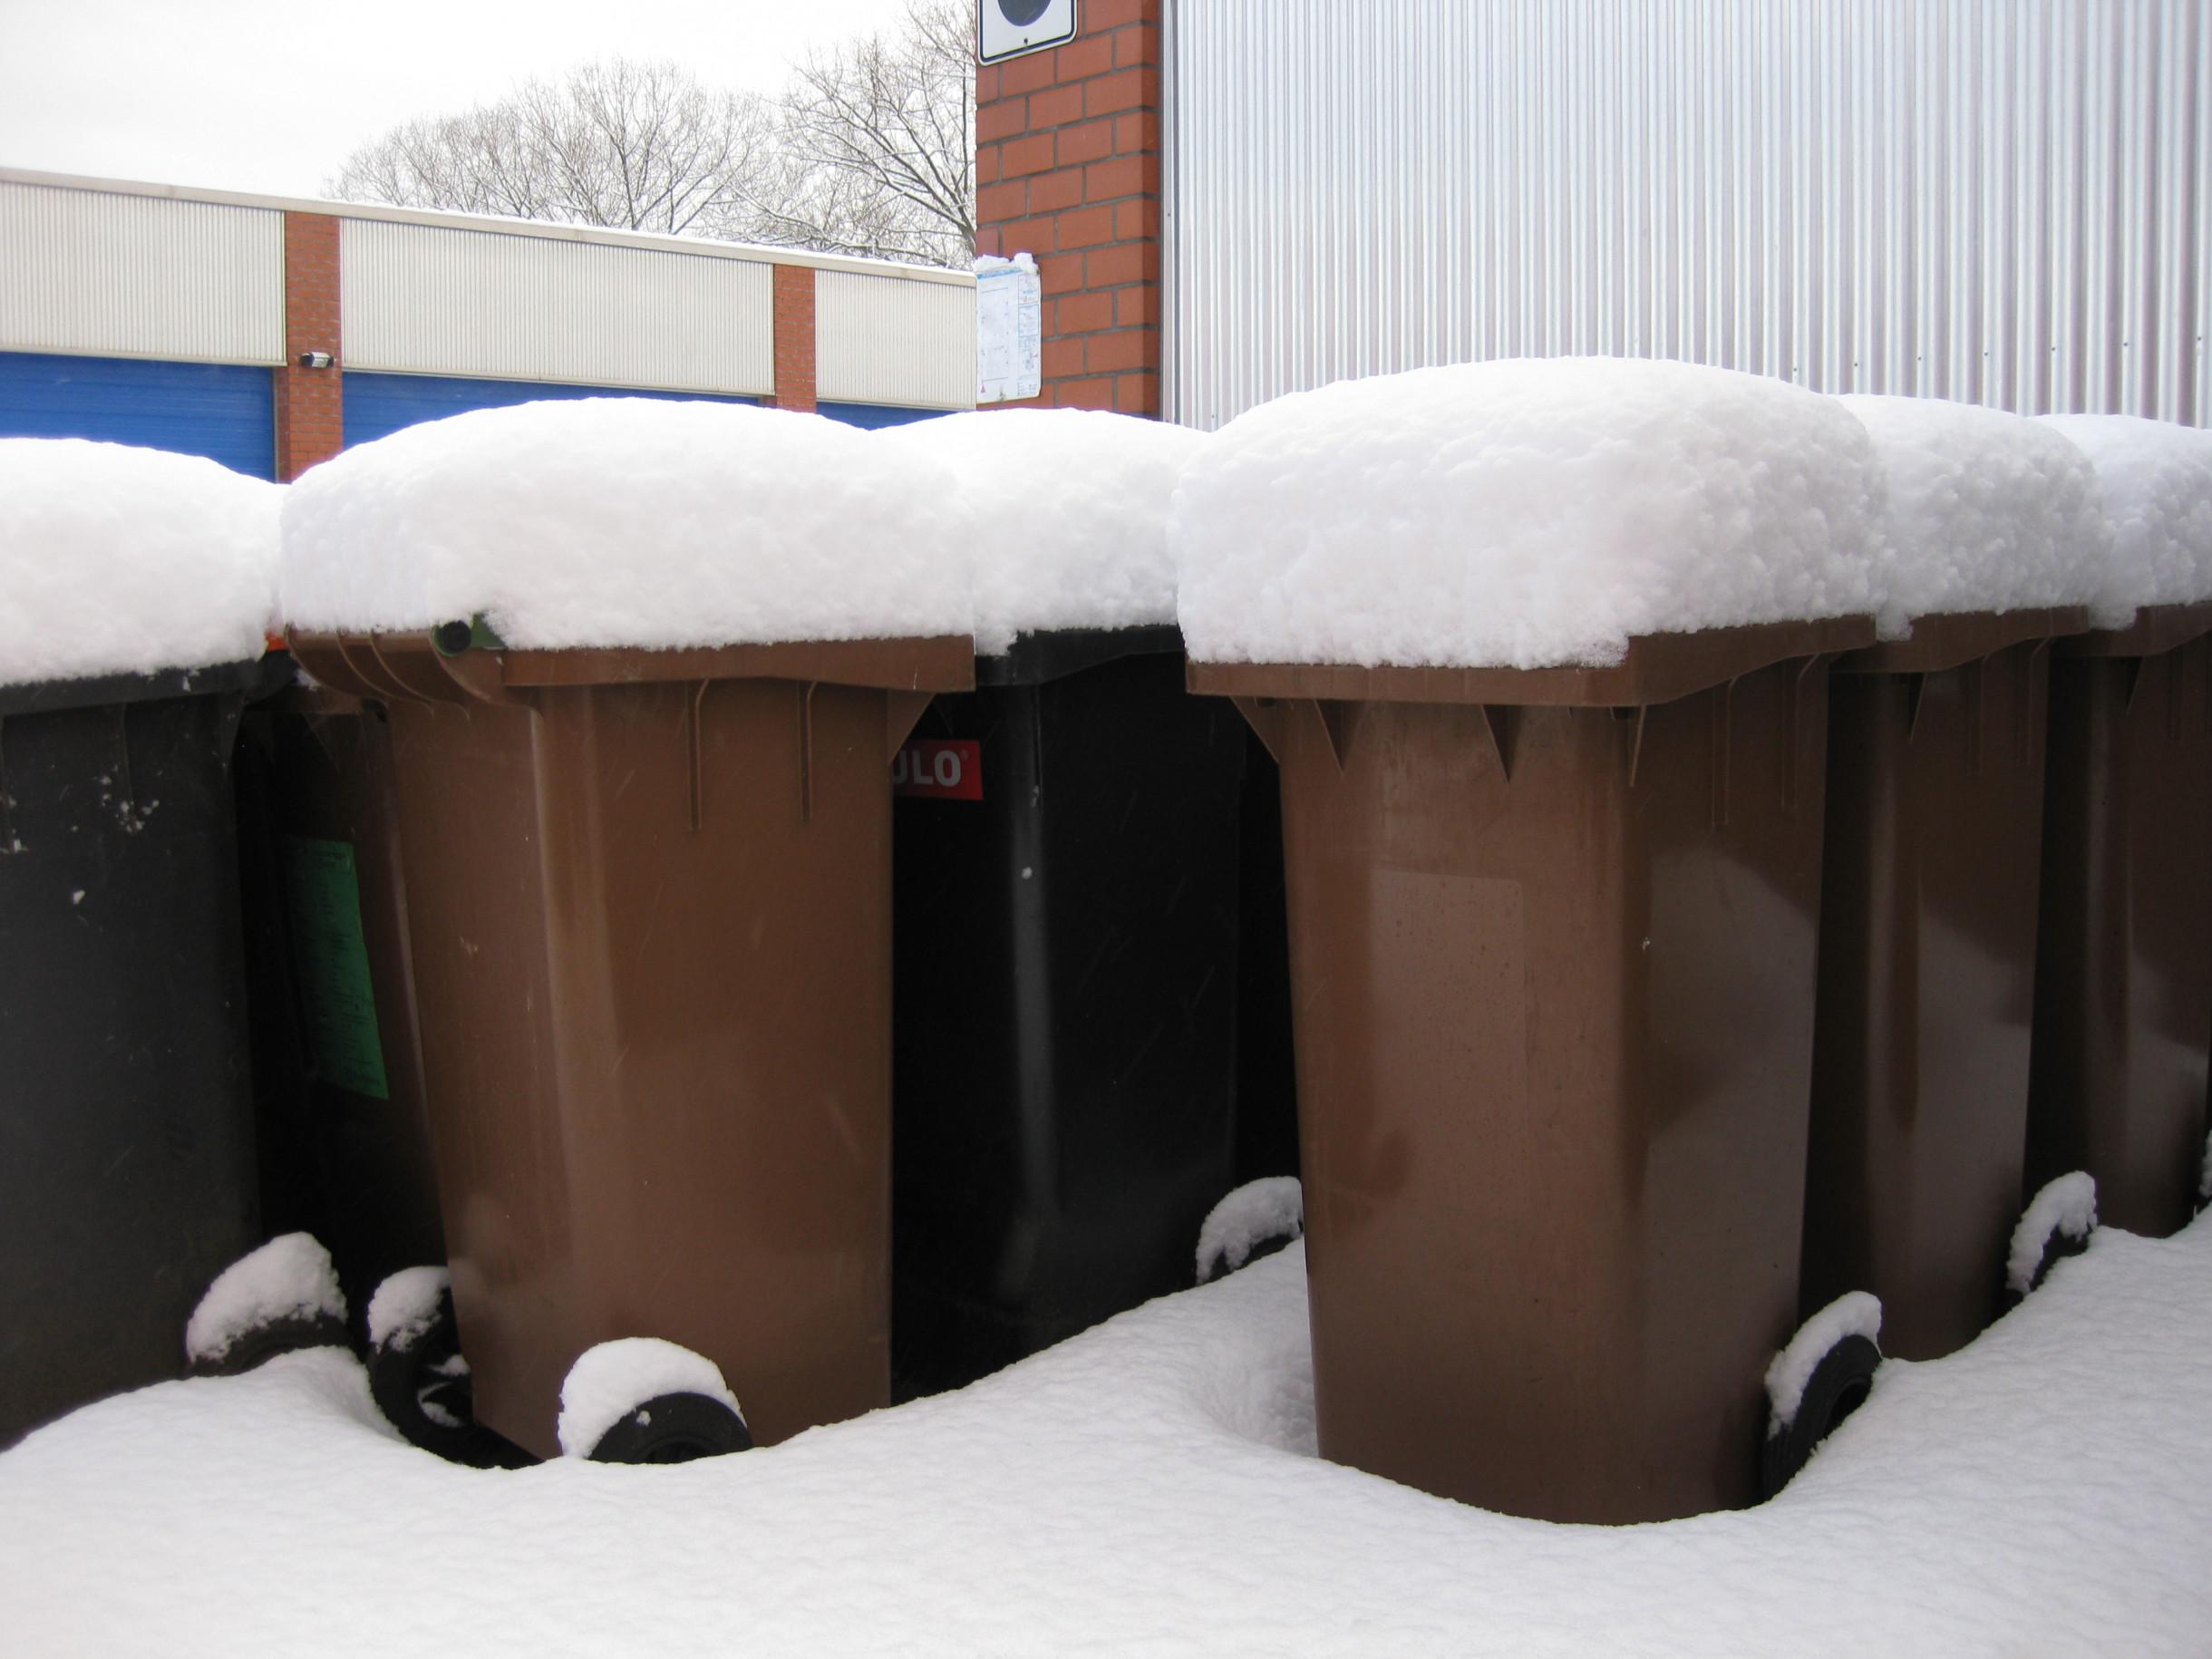 Muelltonnen unter einer Schneehaube im Winter